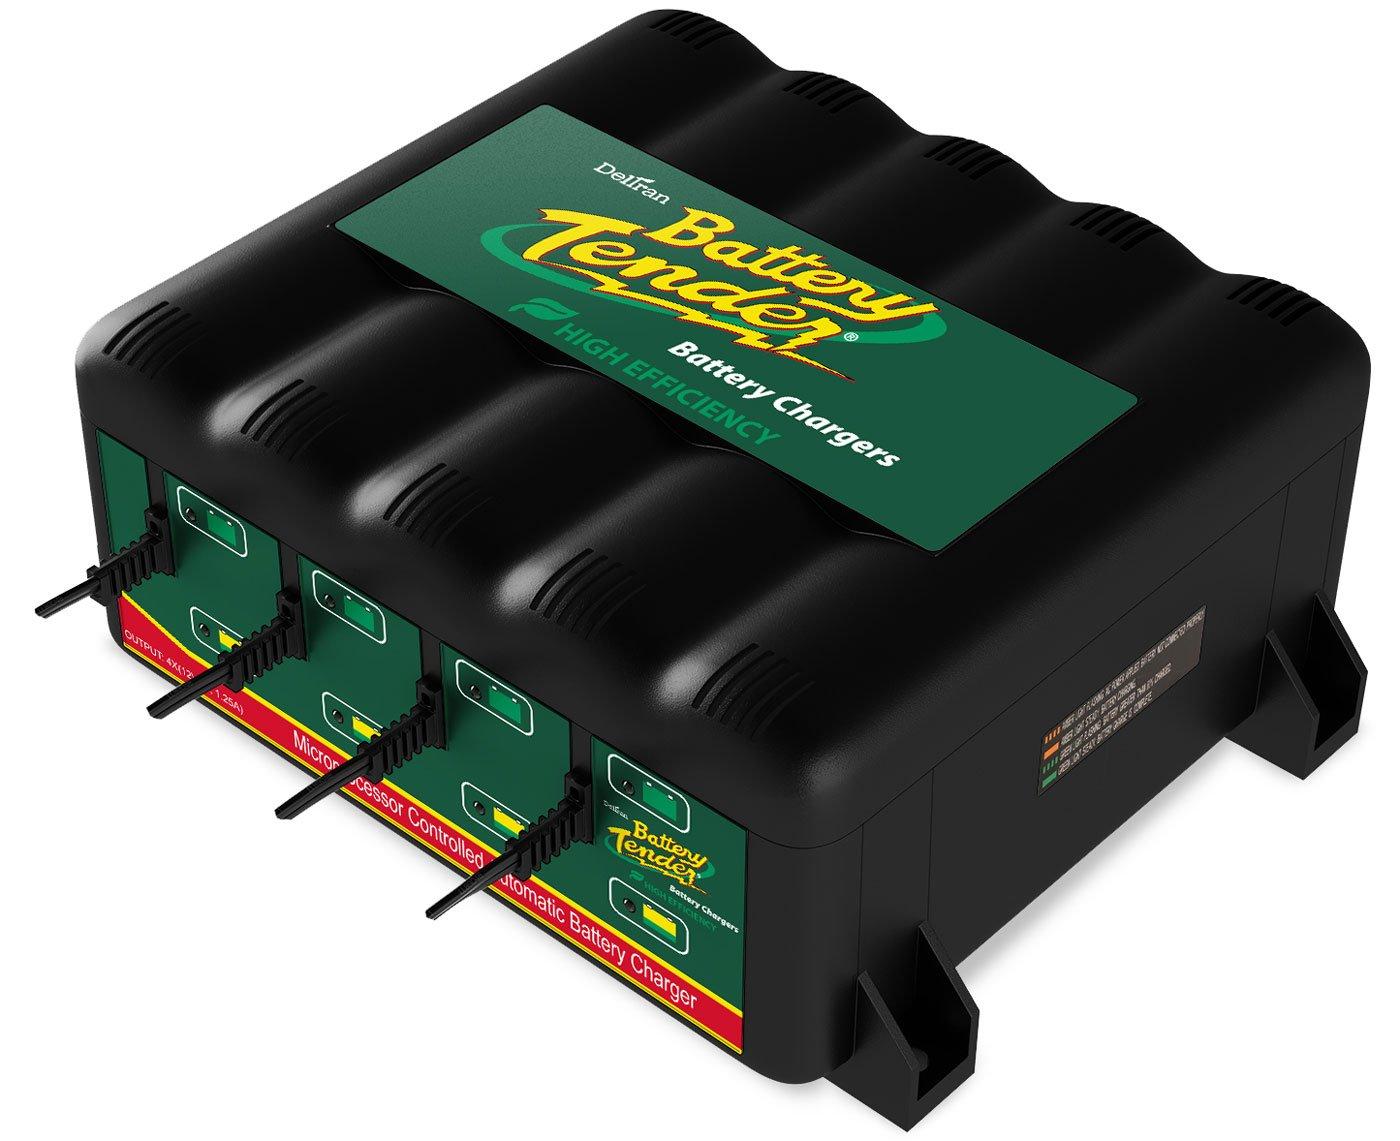 Battery Tender 022-0148-DL-WH 12-Volt 4-Bank Battery Management System Deltran SS-SMS-214819